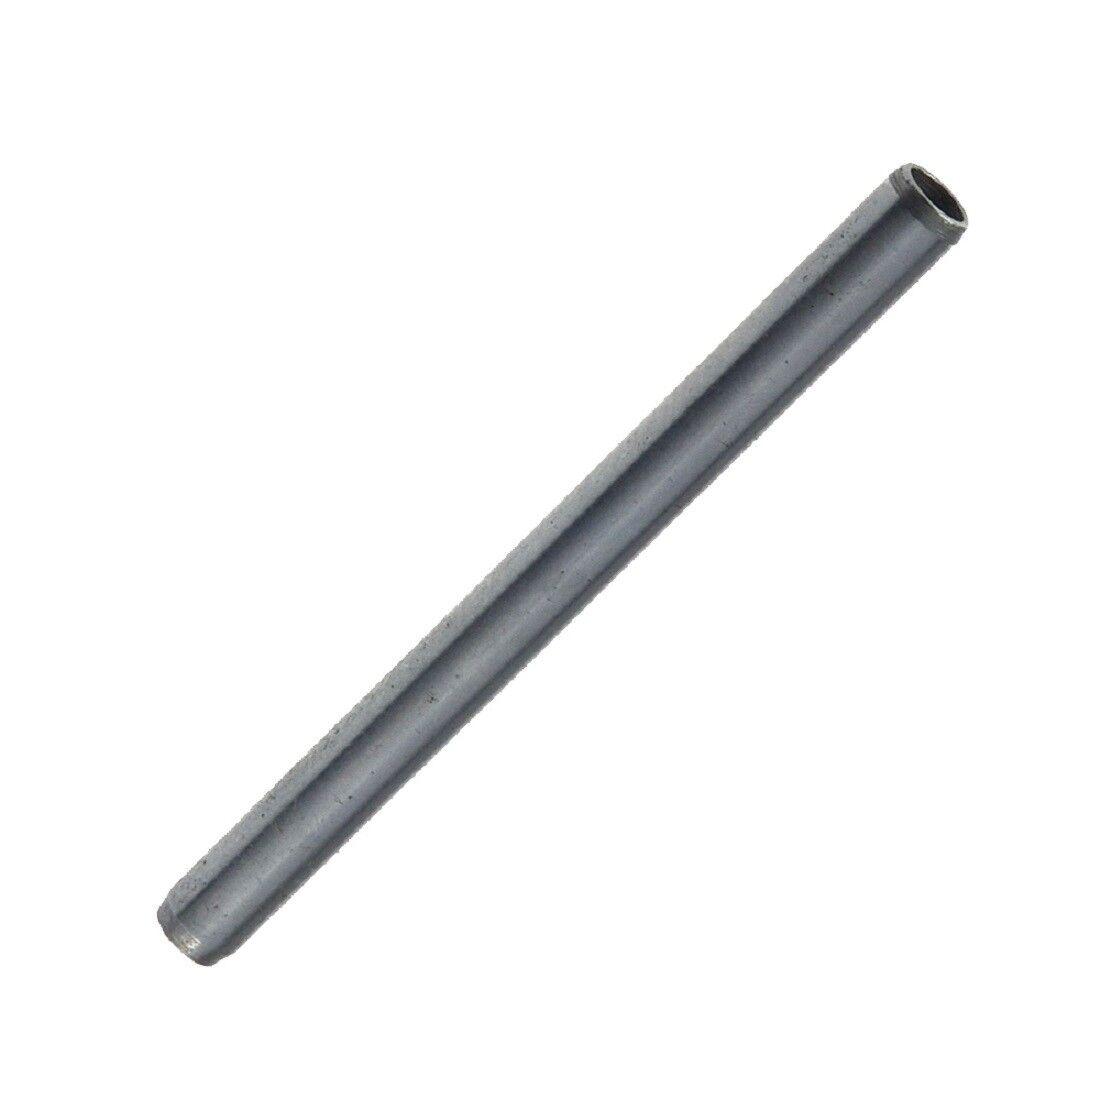 Zylinderstifte Innengew Form D geh m6 DIN 7979 - DIN EN ISO 8735 blank d 10 - 20